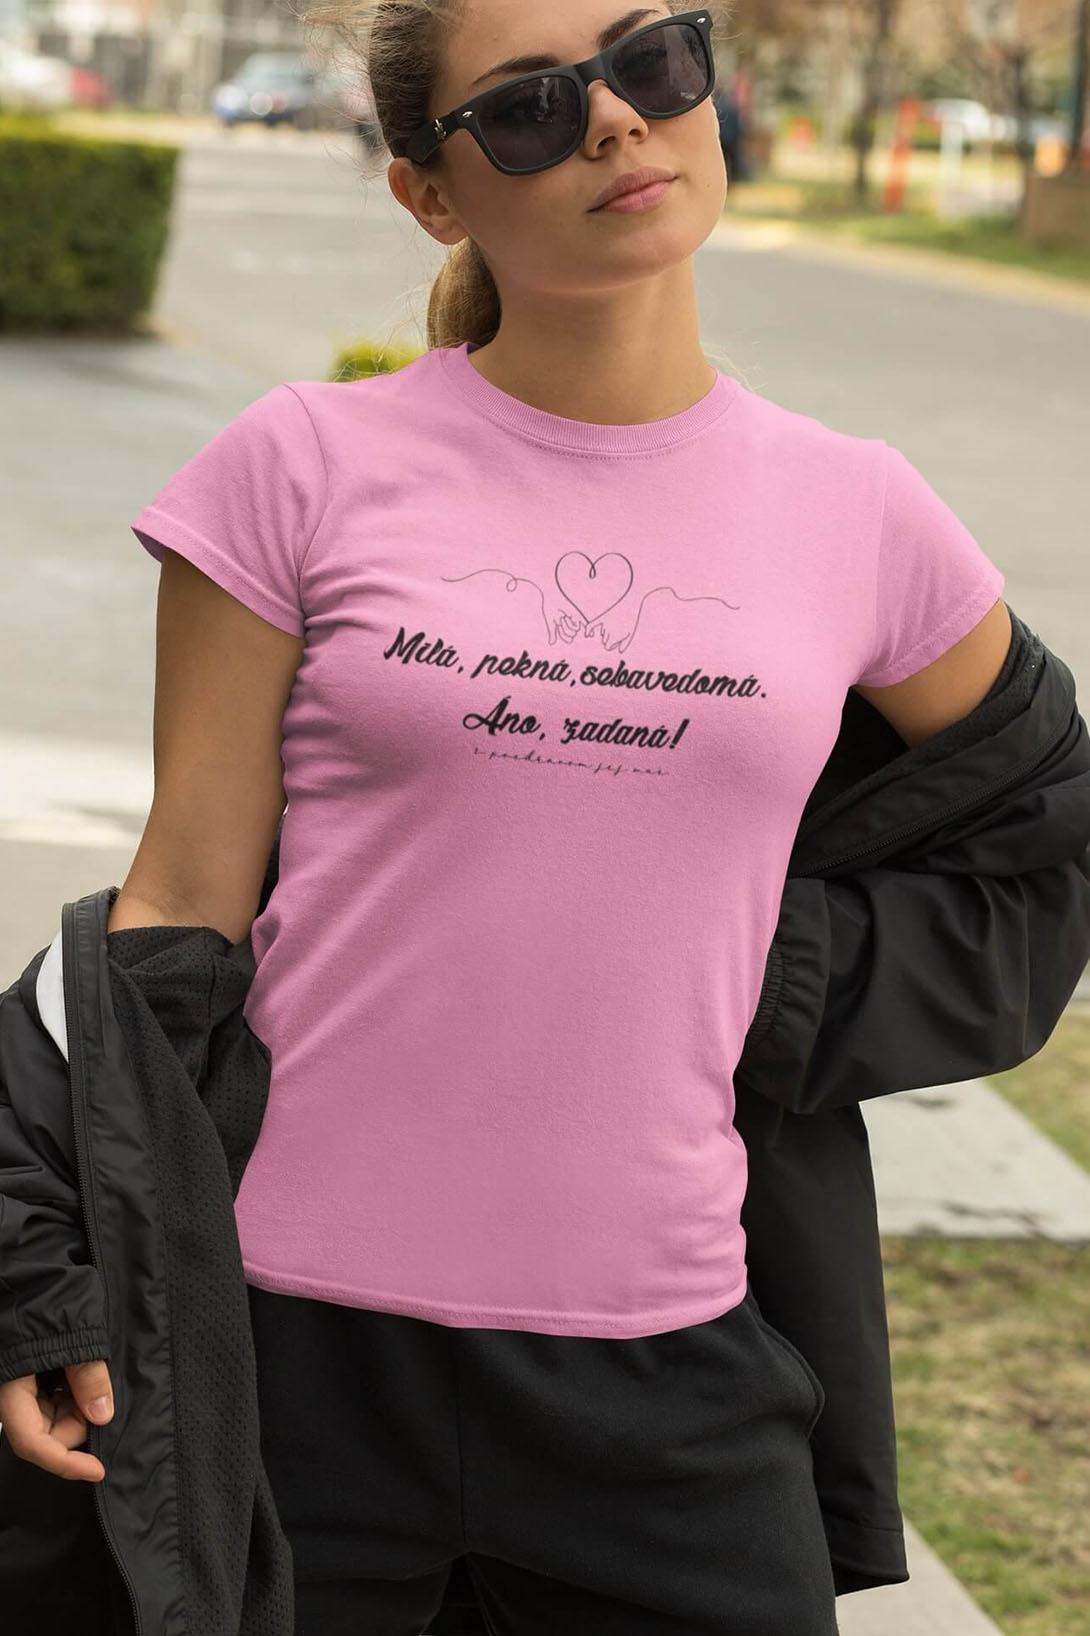 MMO Dámske tričko Milá, pekná, sebavedomá Vyberte farbu: Žltá, Vyberte veľkosť: M